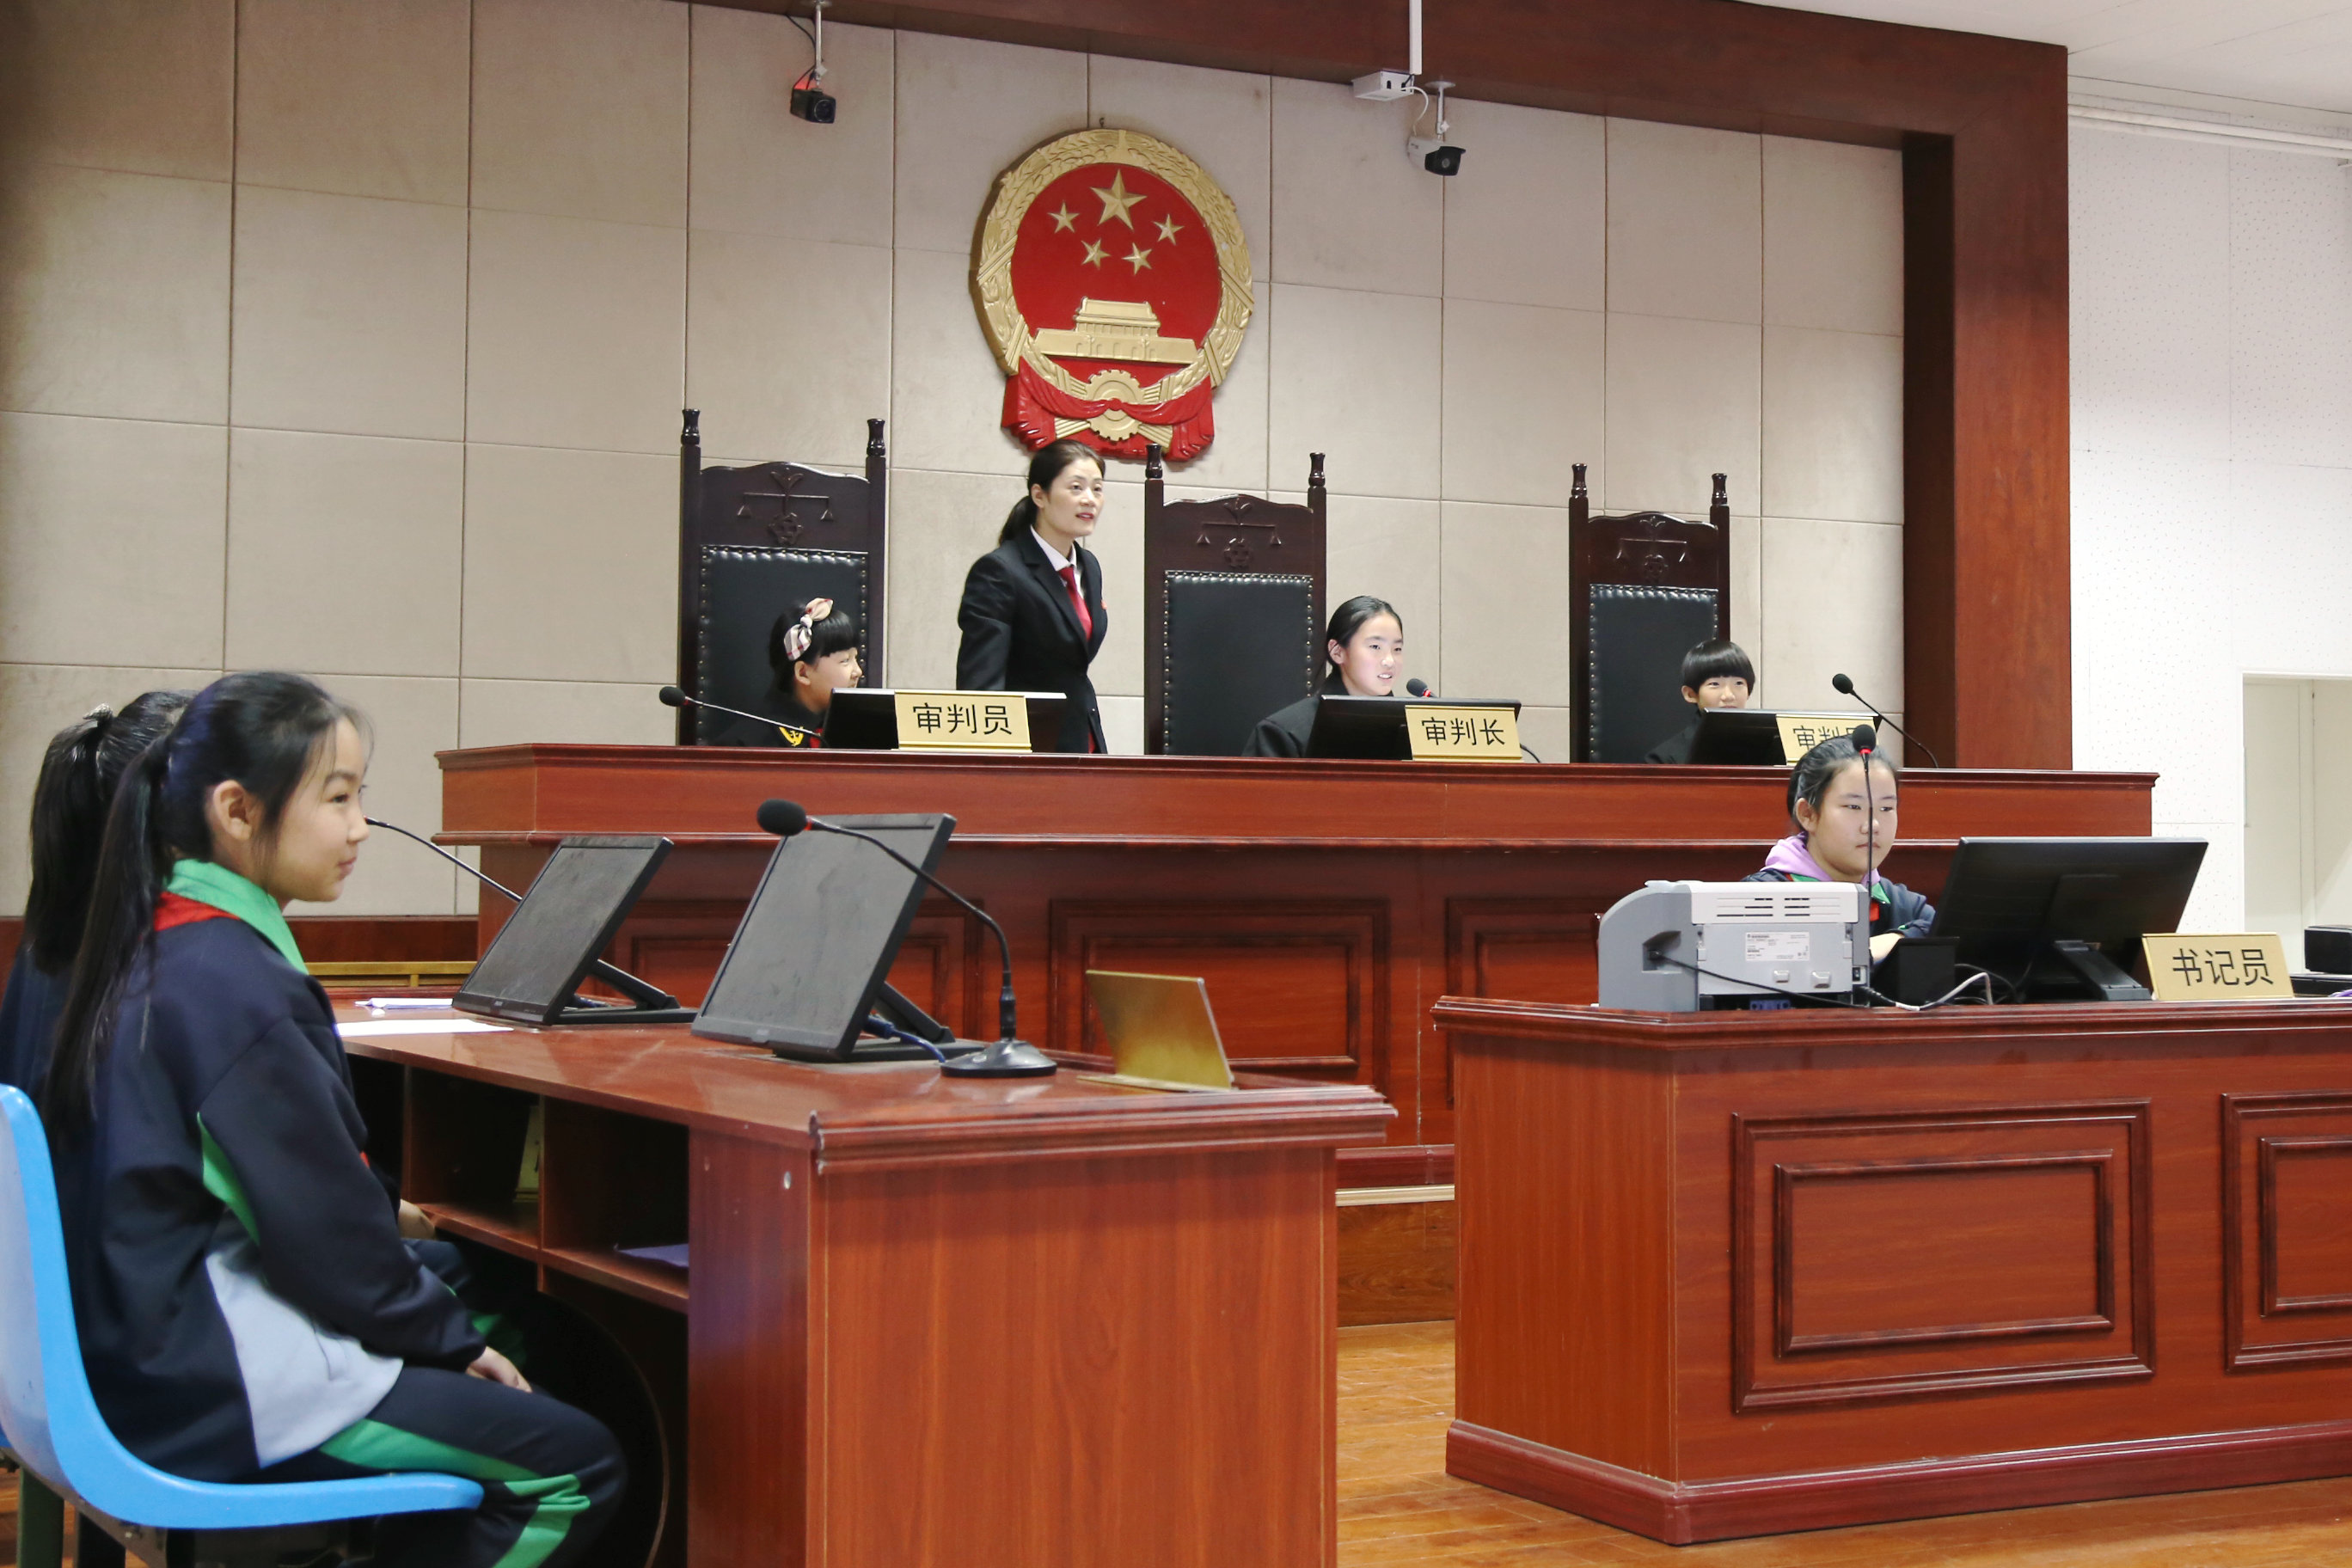 蠡县学生体验模拟法庭 (9).JPG